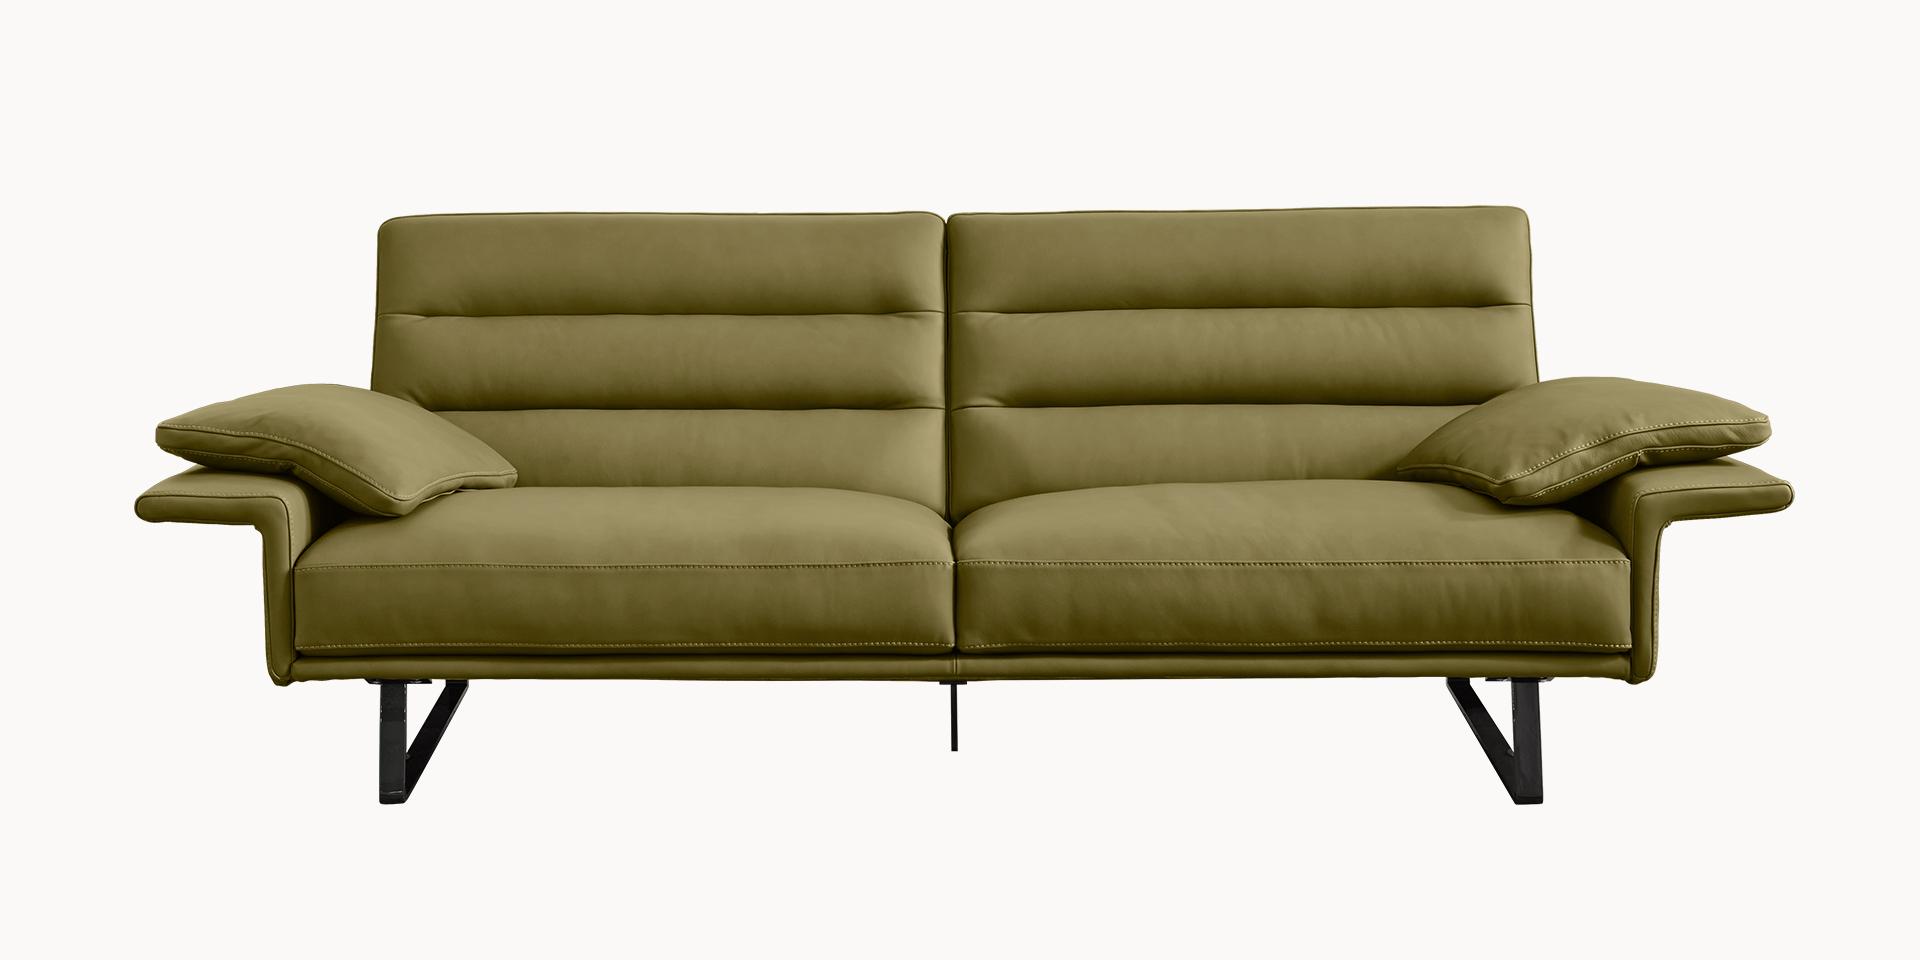 gamma sofas sealy leather sofa suppliers arredamenti